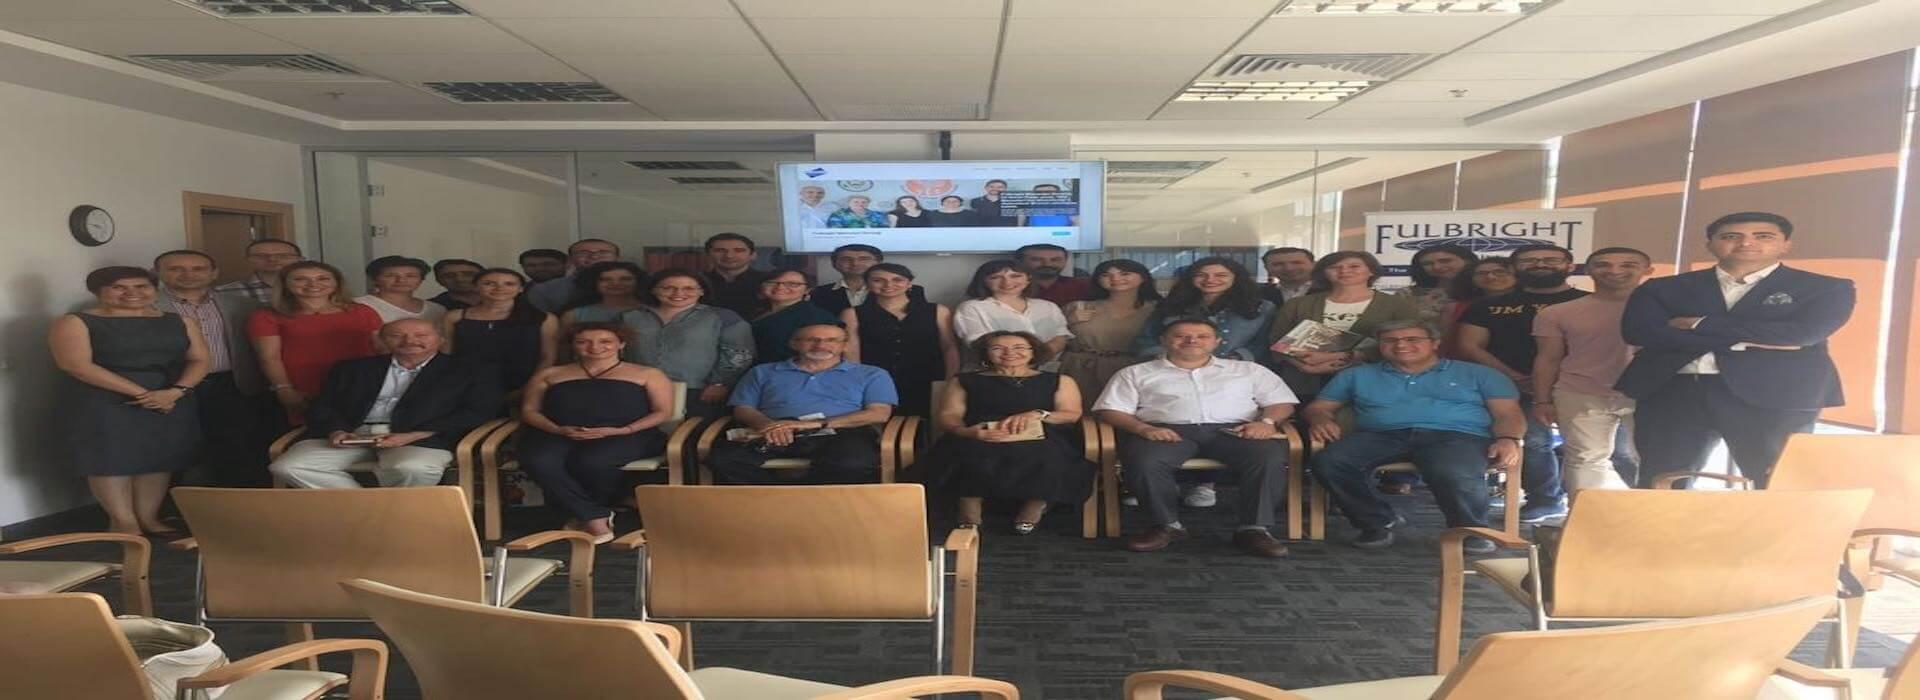 Fulbright Mezunları Derneği Yönetimi Ankara